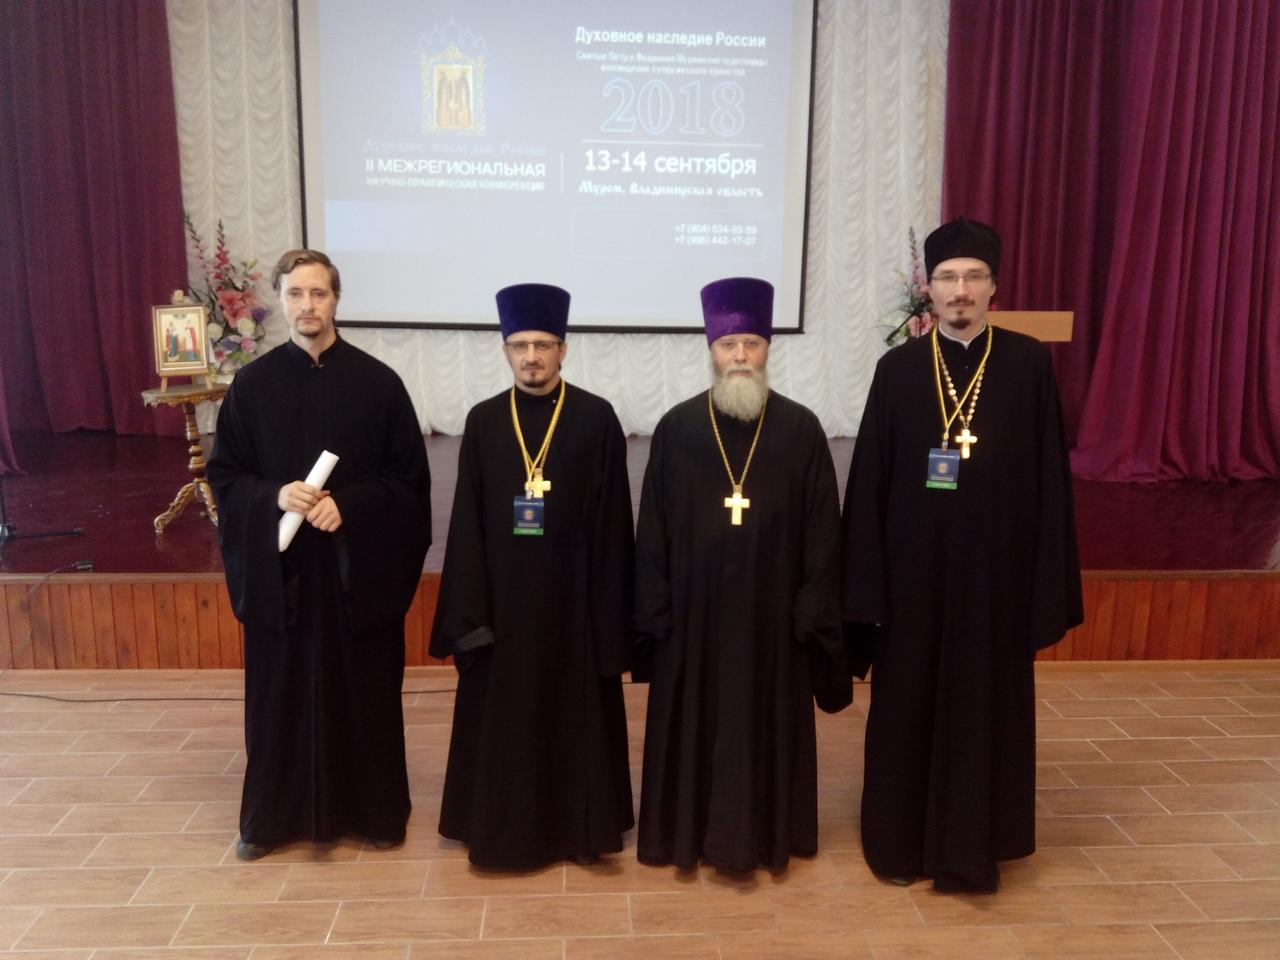 Председатель отдела по делам молодежи Александровской епархии протоиерей Дионисий Комчихин принял участие в межрегиональной конференции в Муроме